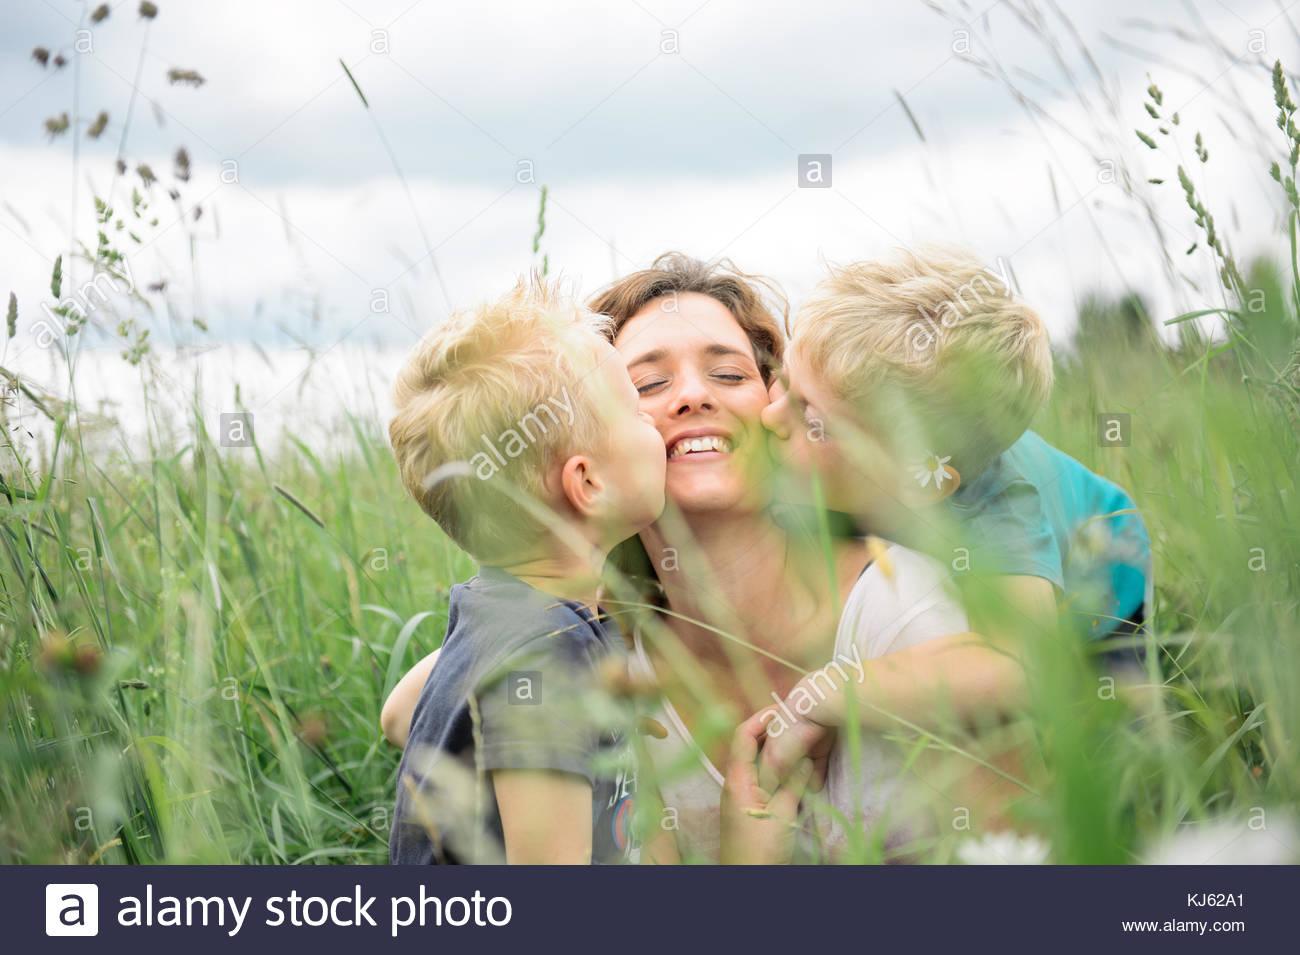 Mère embrassant leurs enfants dans un pré Photo Stock